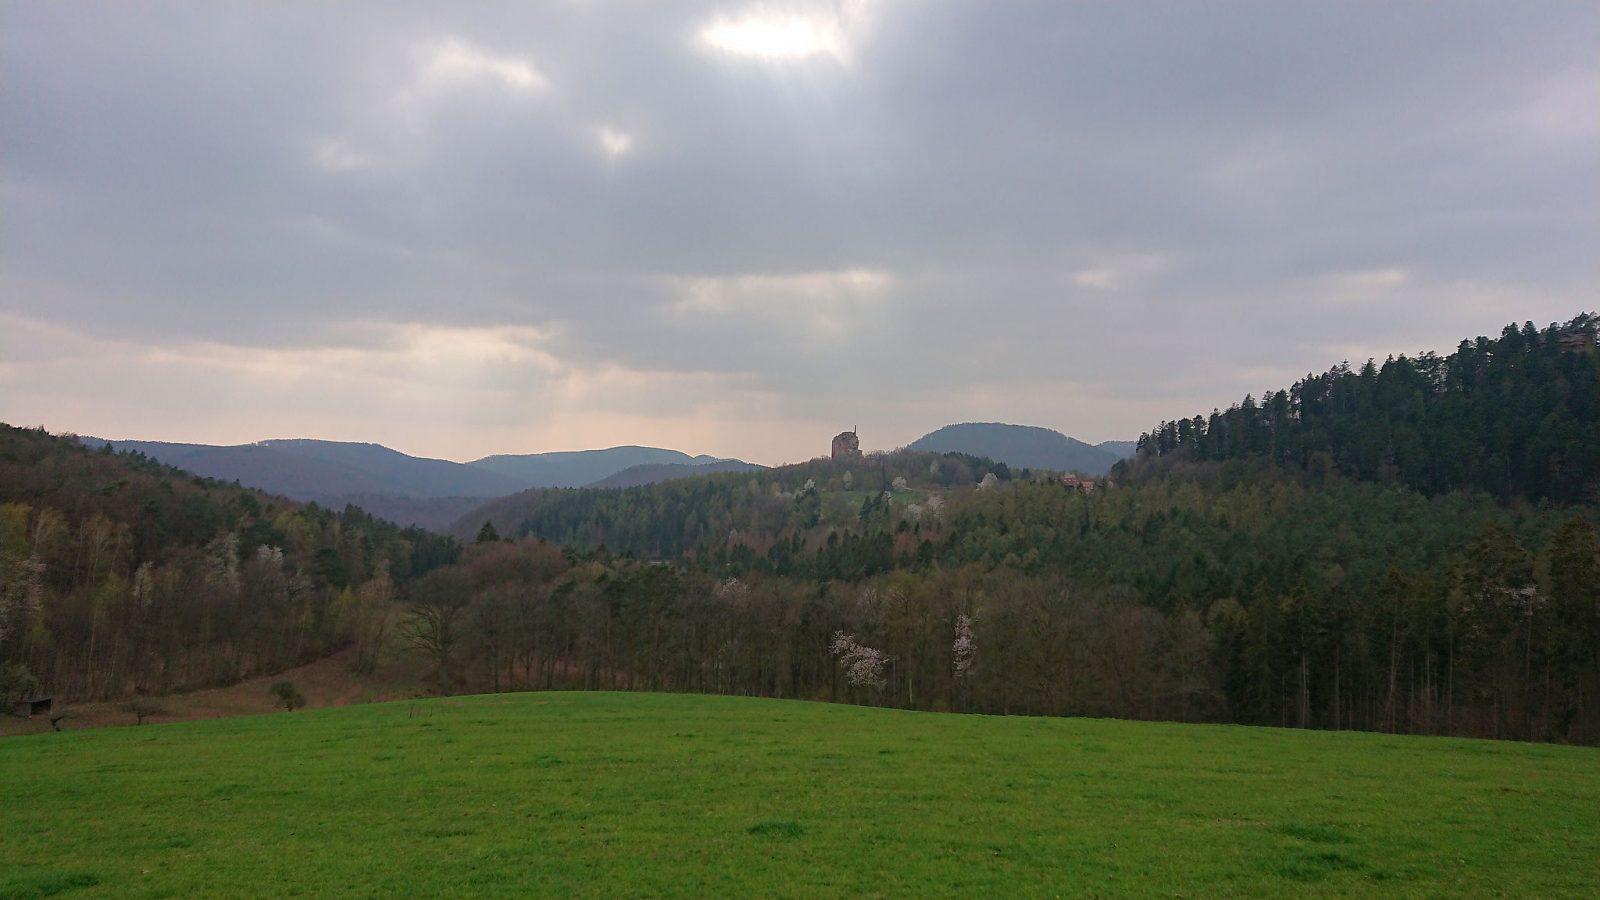 Das war das Abschlusspanorama am Gimbelhof mit der Burgruine Fleckenstein im Hintergrund.